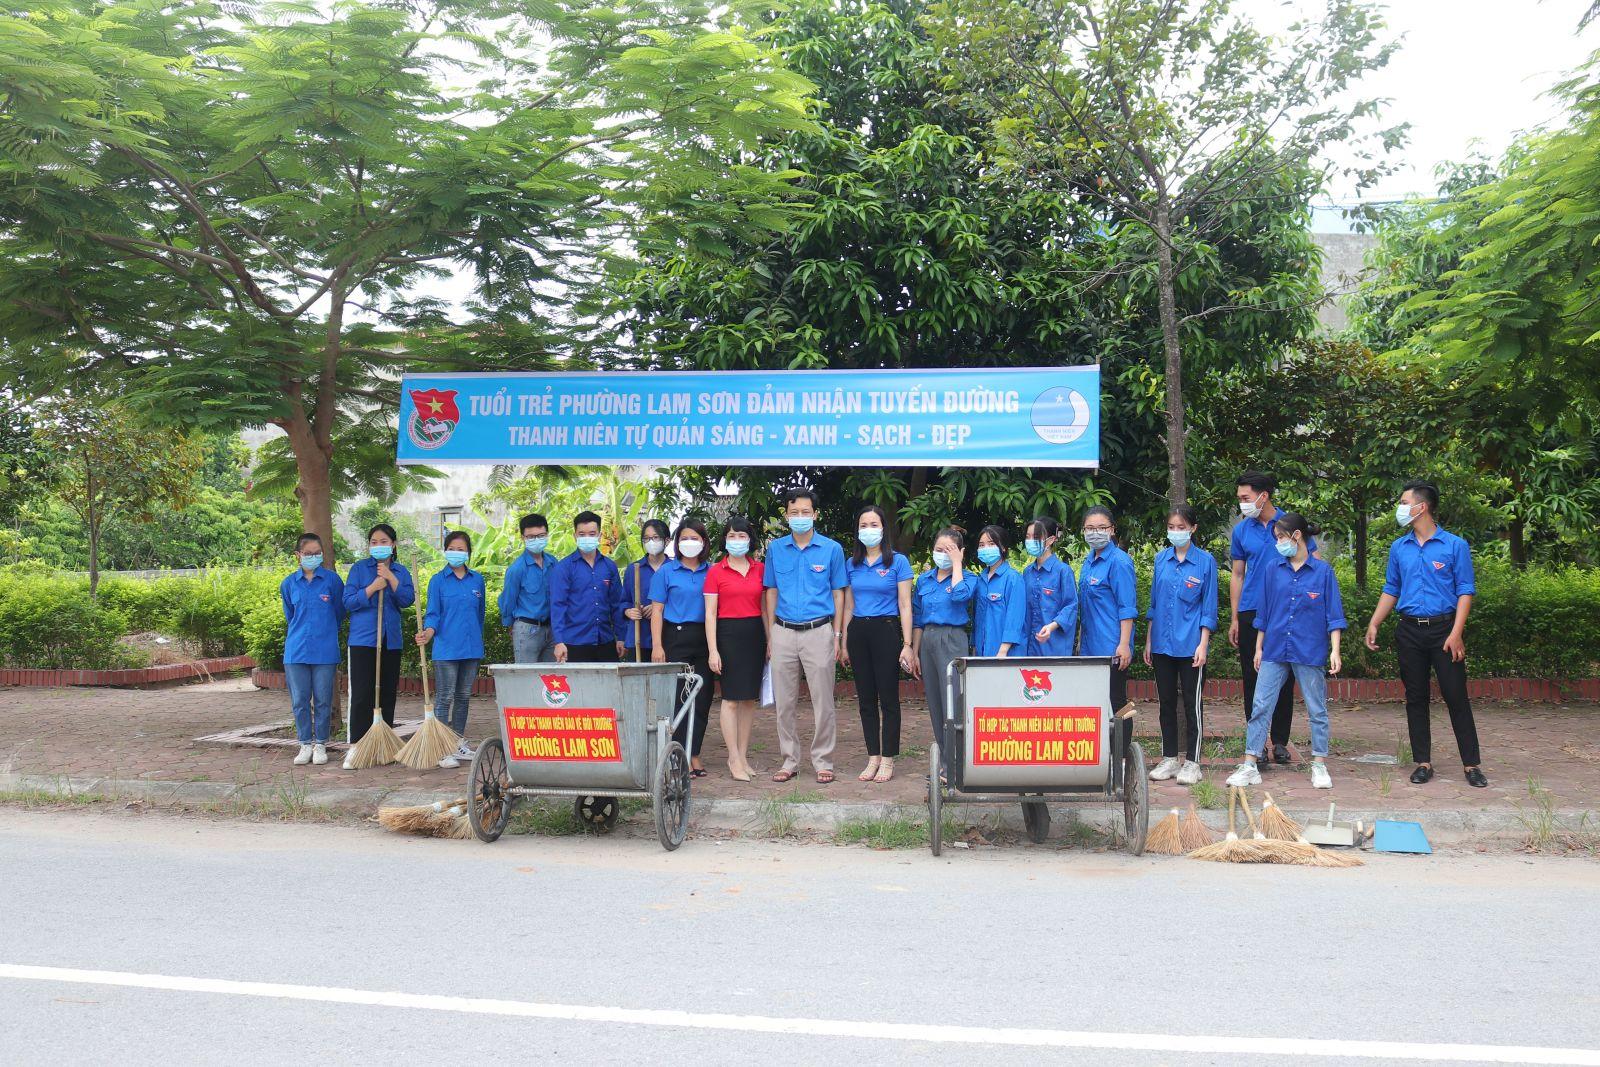 Ra mắt Tổ hợp tác thanh niên bảo vệ môi trường phường Lam Sơn